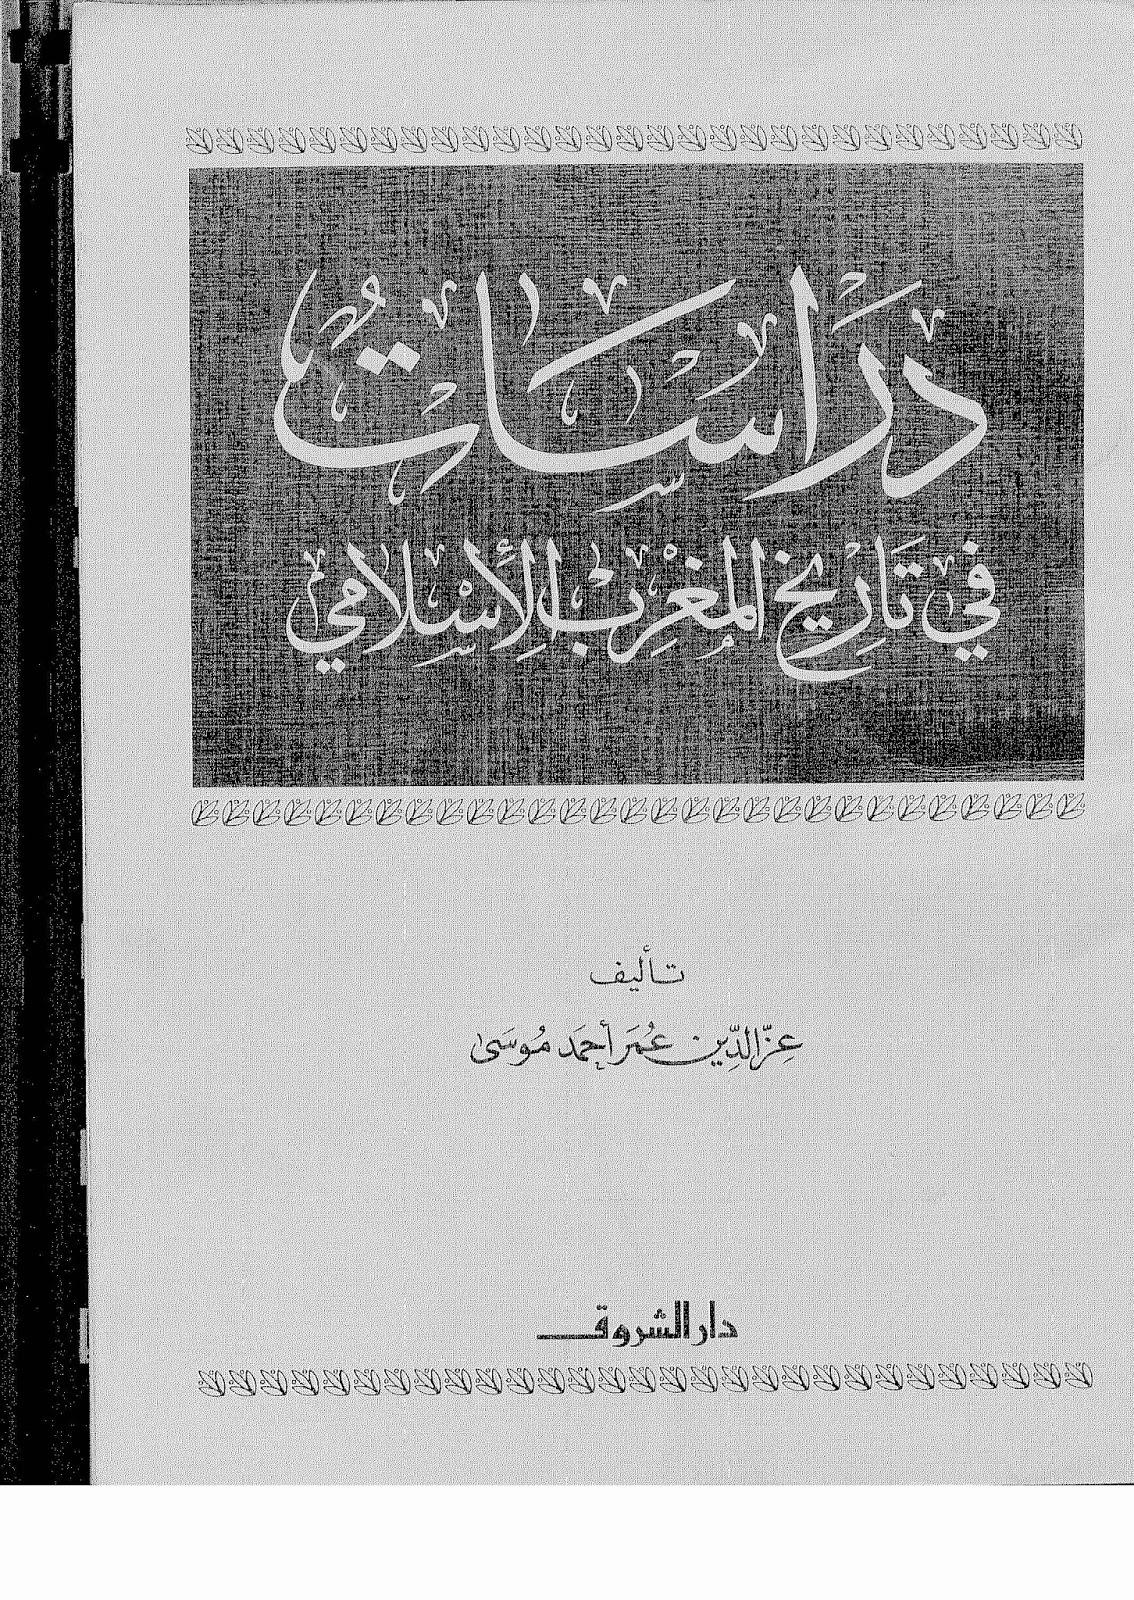 دراسات في تاريخ المغرب الإسلامي لـ عز الدين عمر أحمد موسى